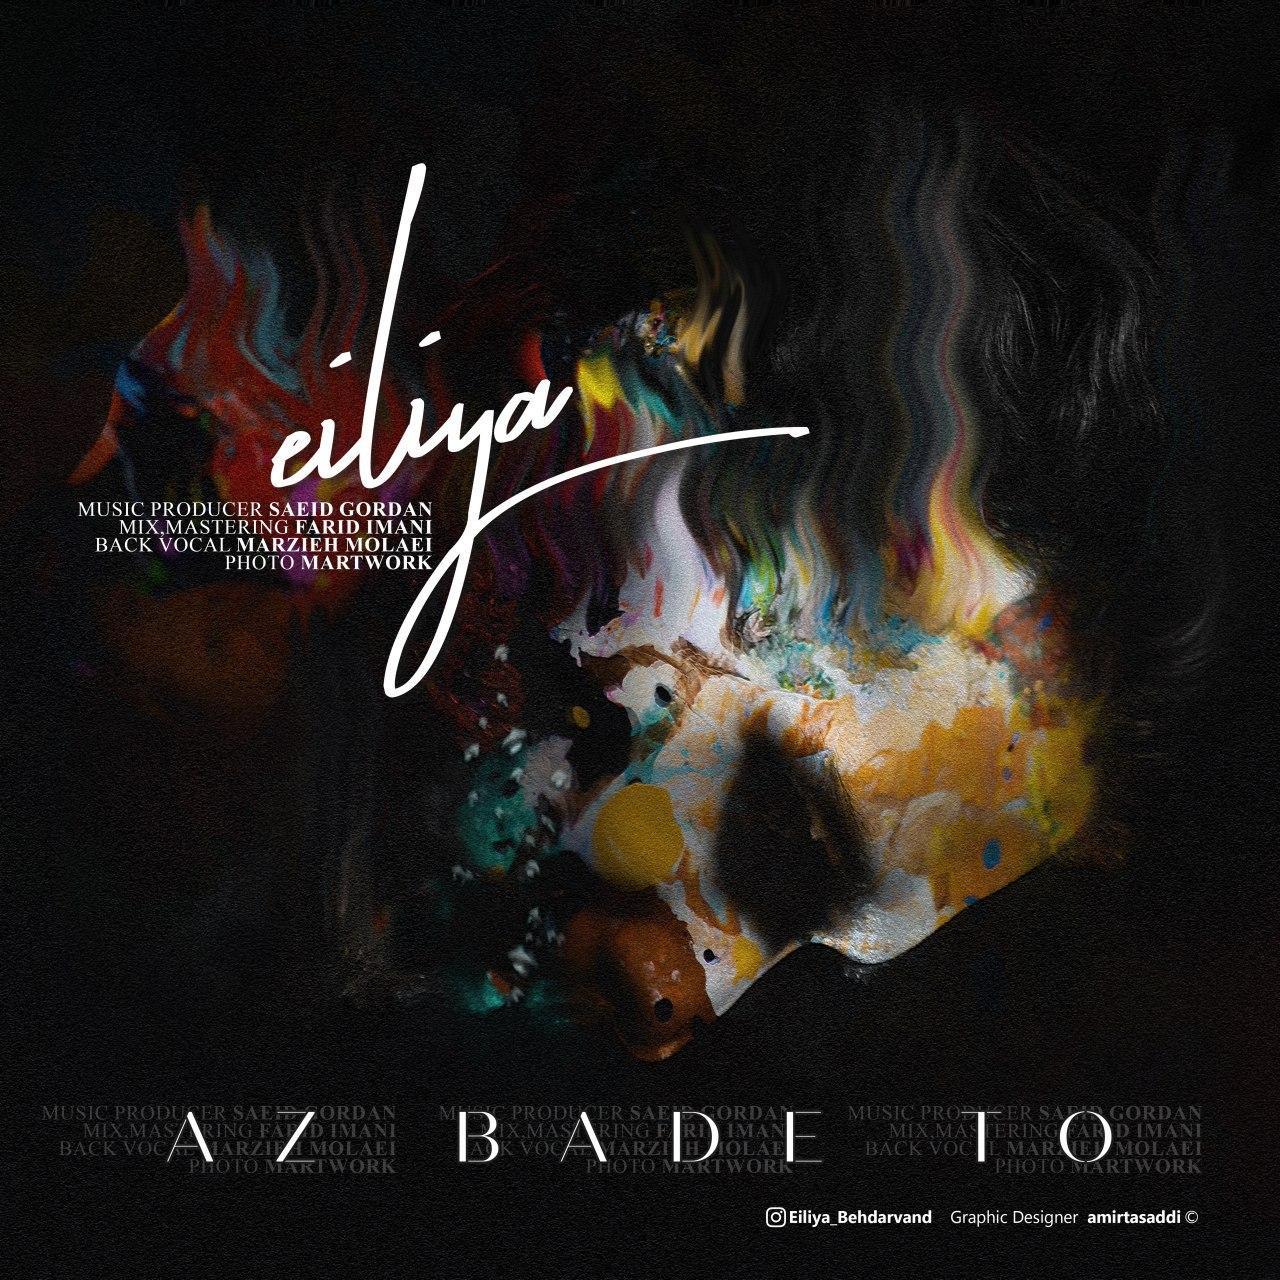 Eiliya – Az Bade To